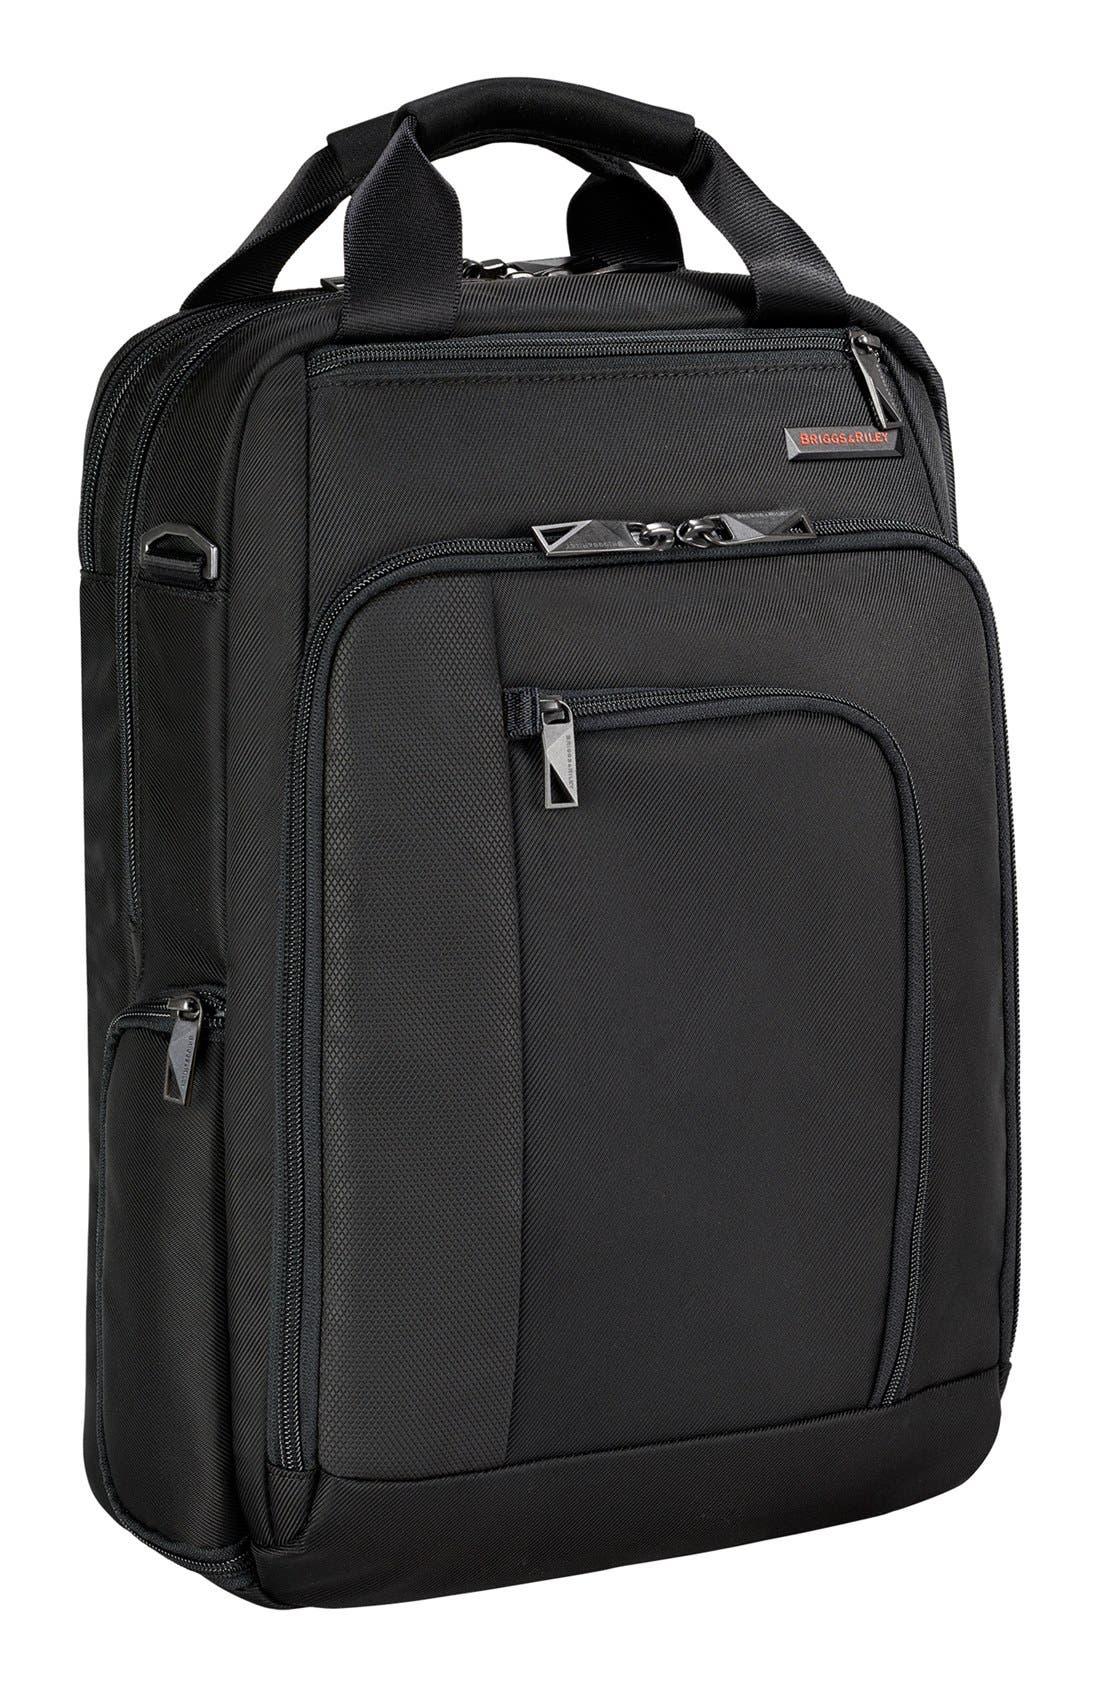 Briggs & Riley 'Verb - Relay' Convertible Briefcase